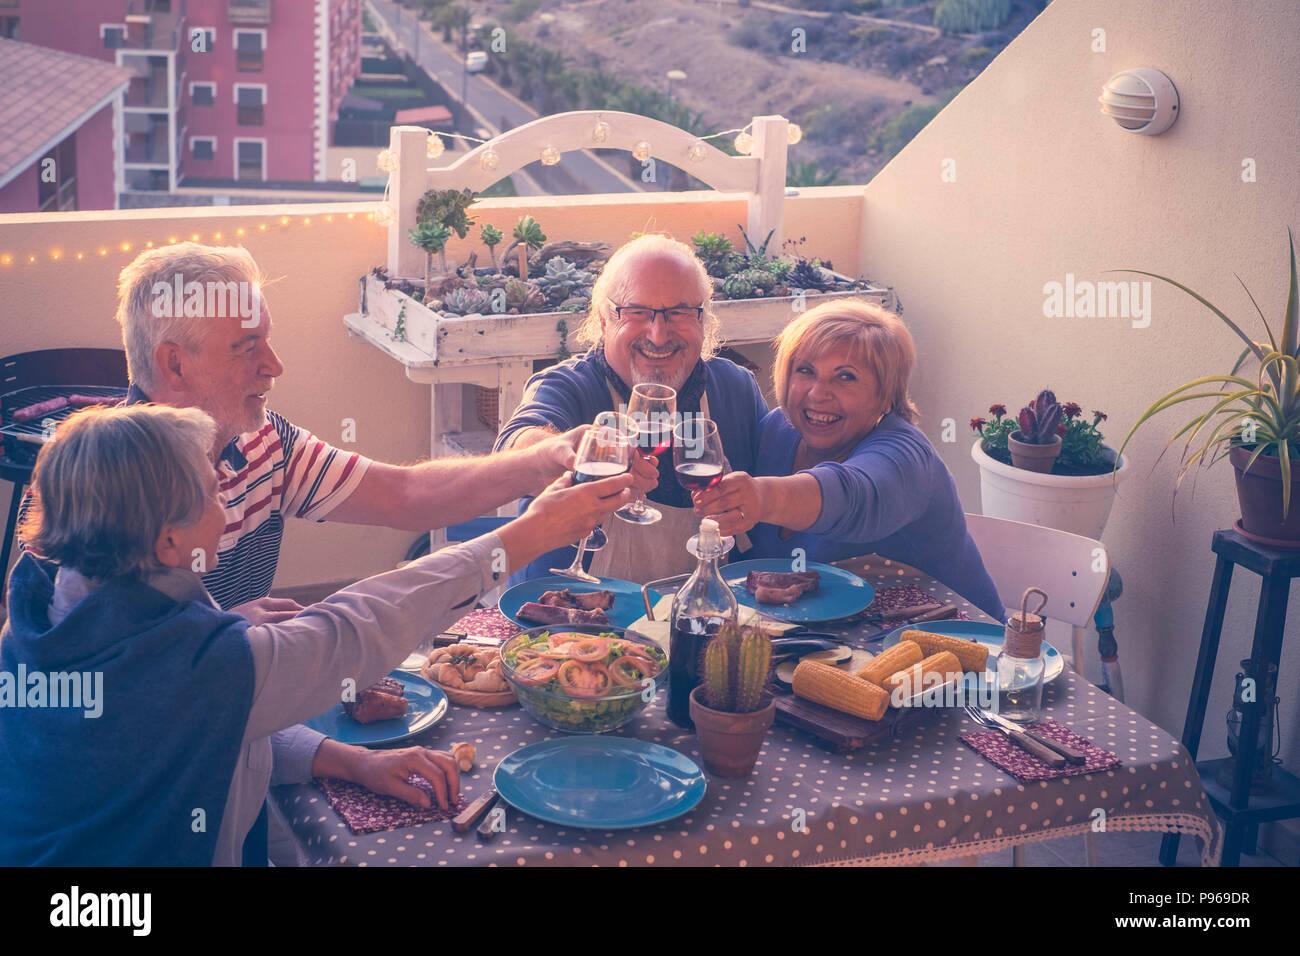 Groupe d'adultes de race blanche des personnes mûres manger et boire ensemble célébrer événement par nuit sur le toit avec vue sur la ville et la nature. l'heure d'été un Banque D'Images